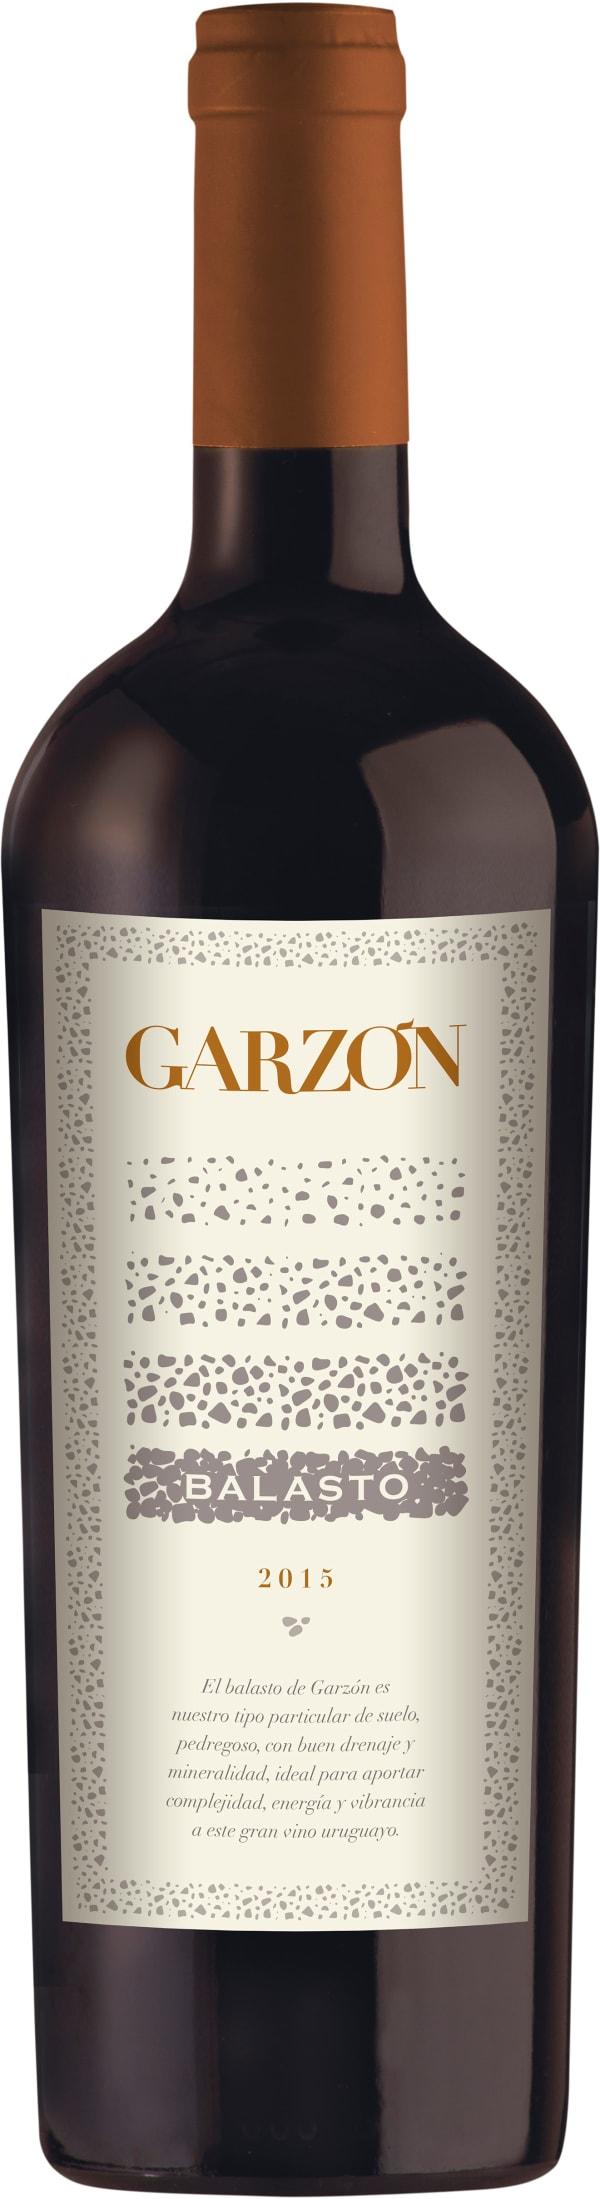 Garzón Balasto 2015